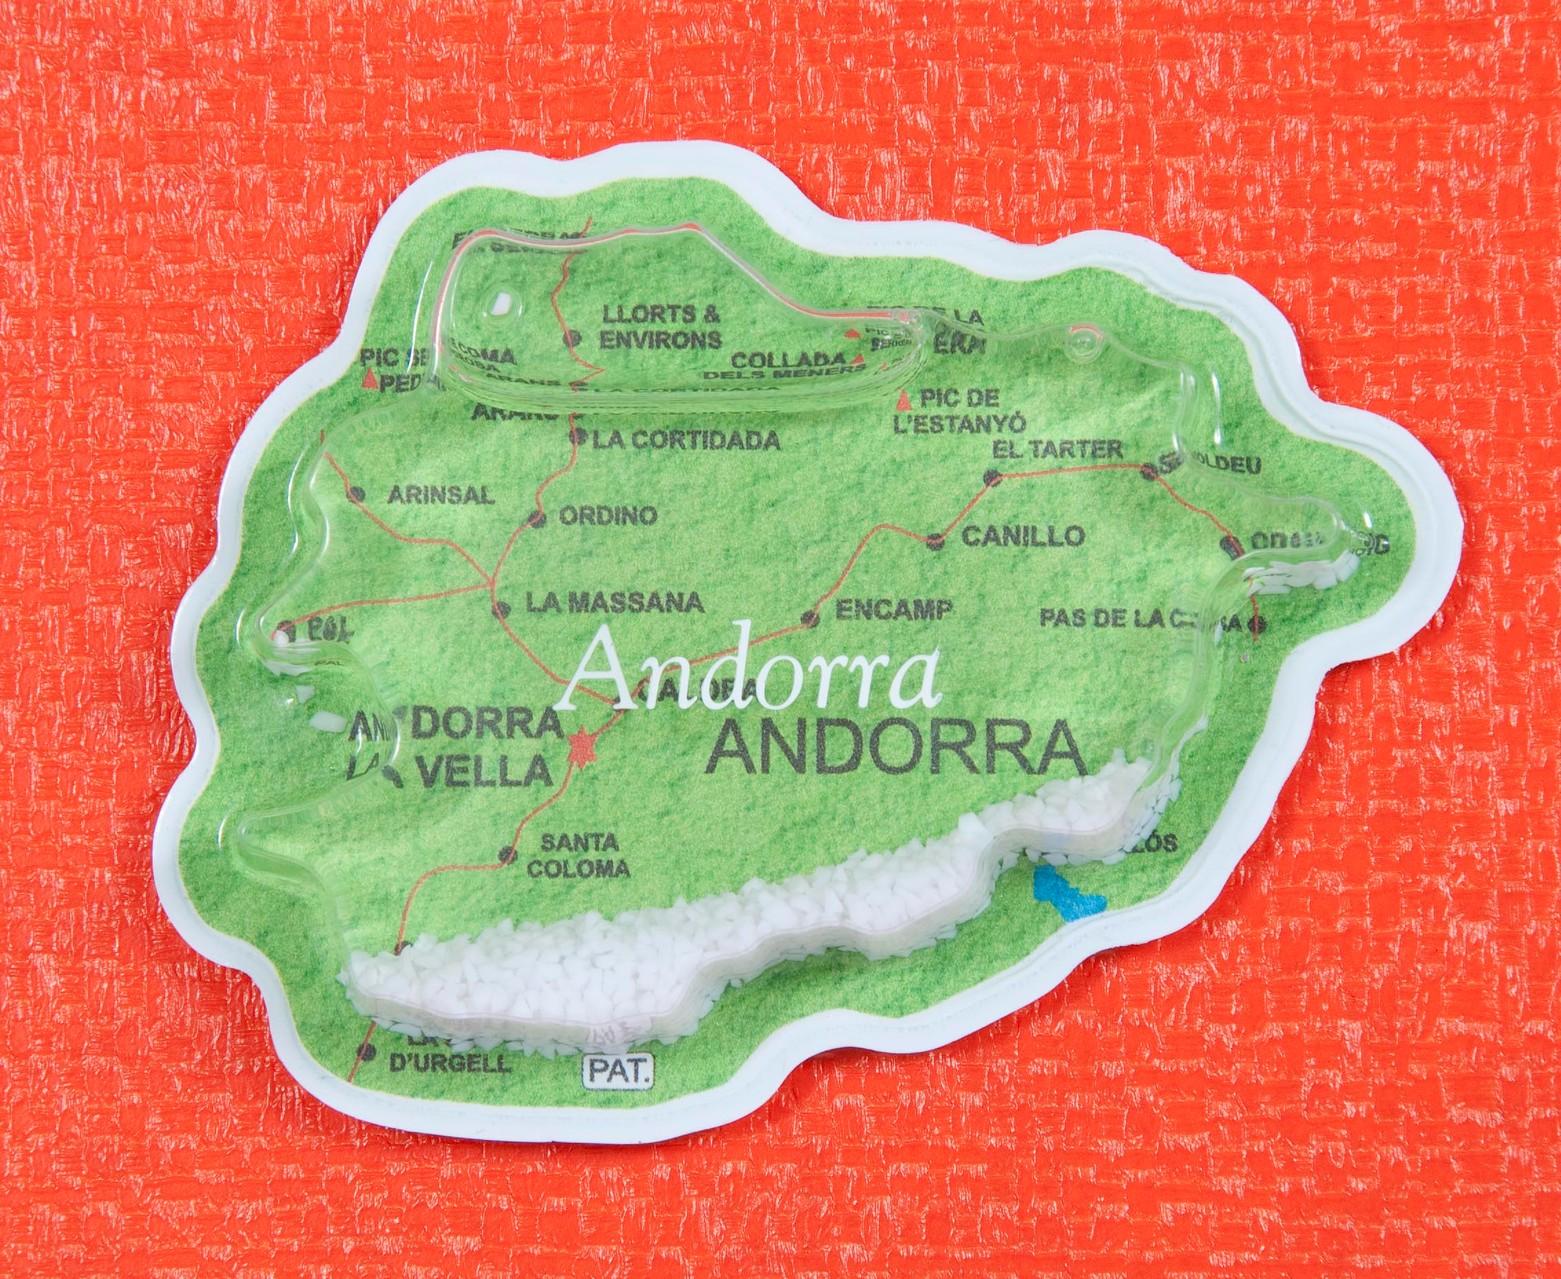 Andorra garriplast imanes para la nevera y complementos - Complementos de bisuteria ...